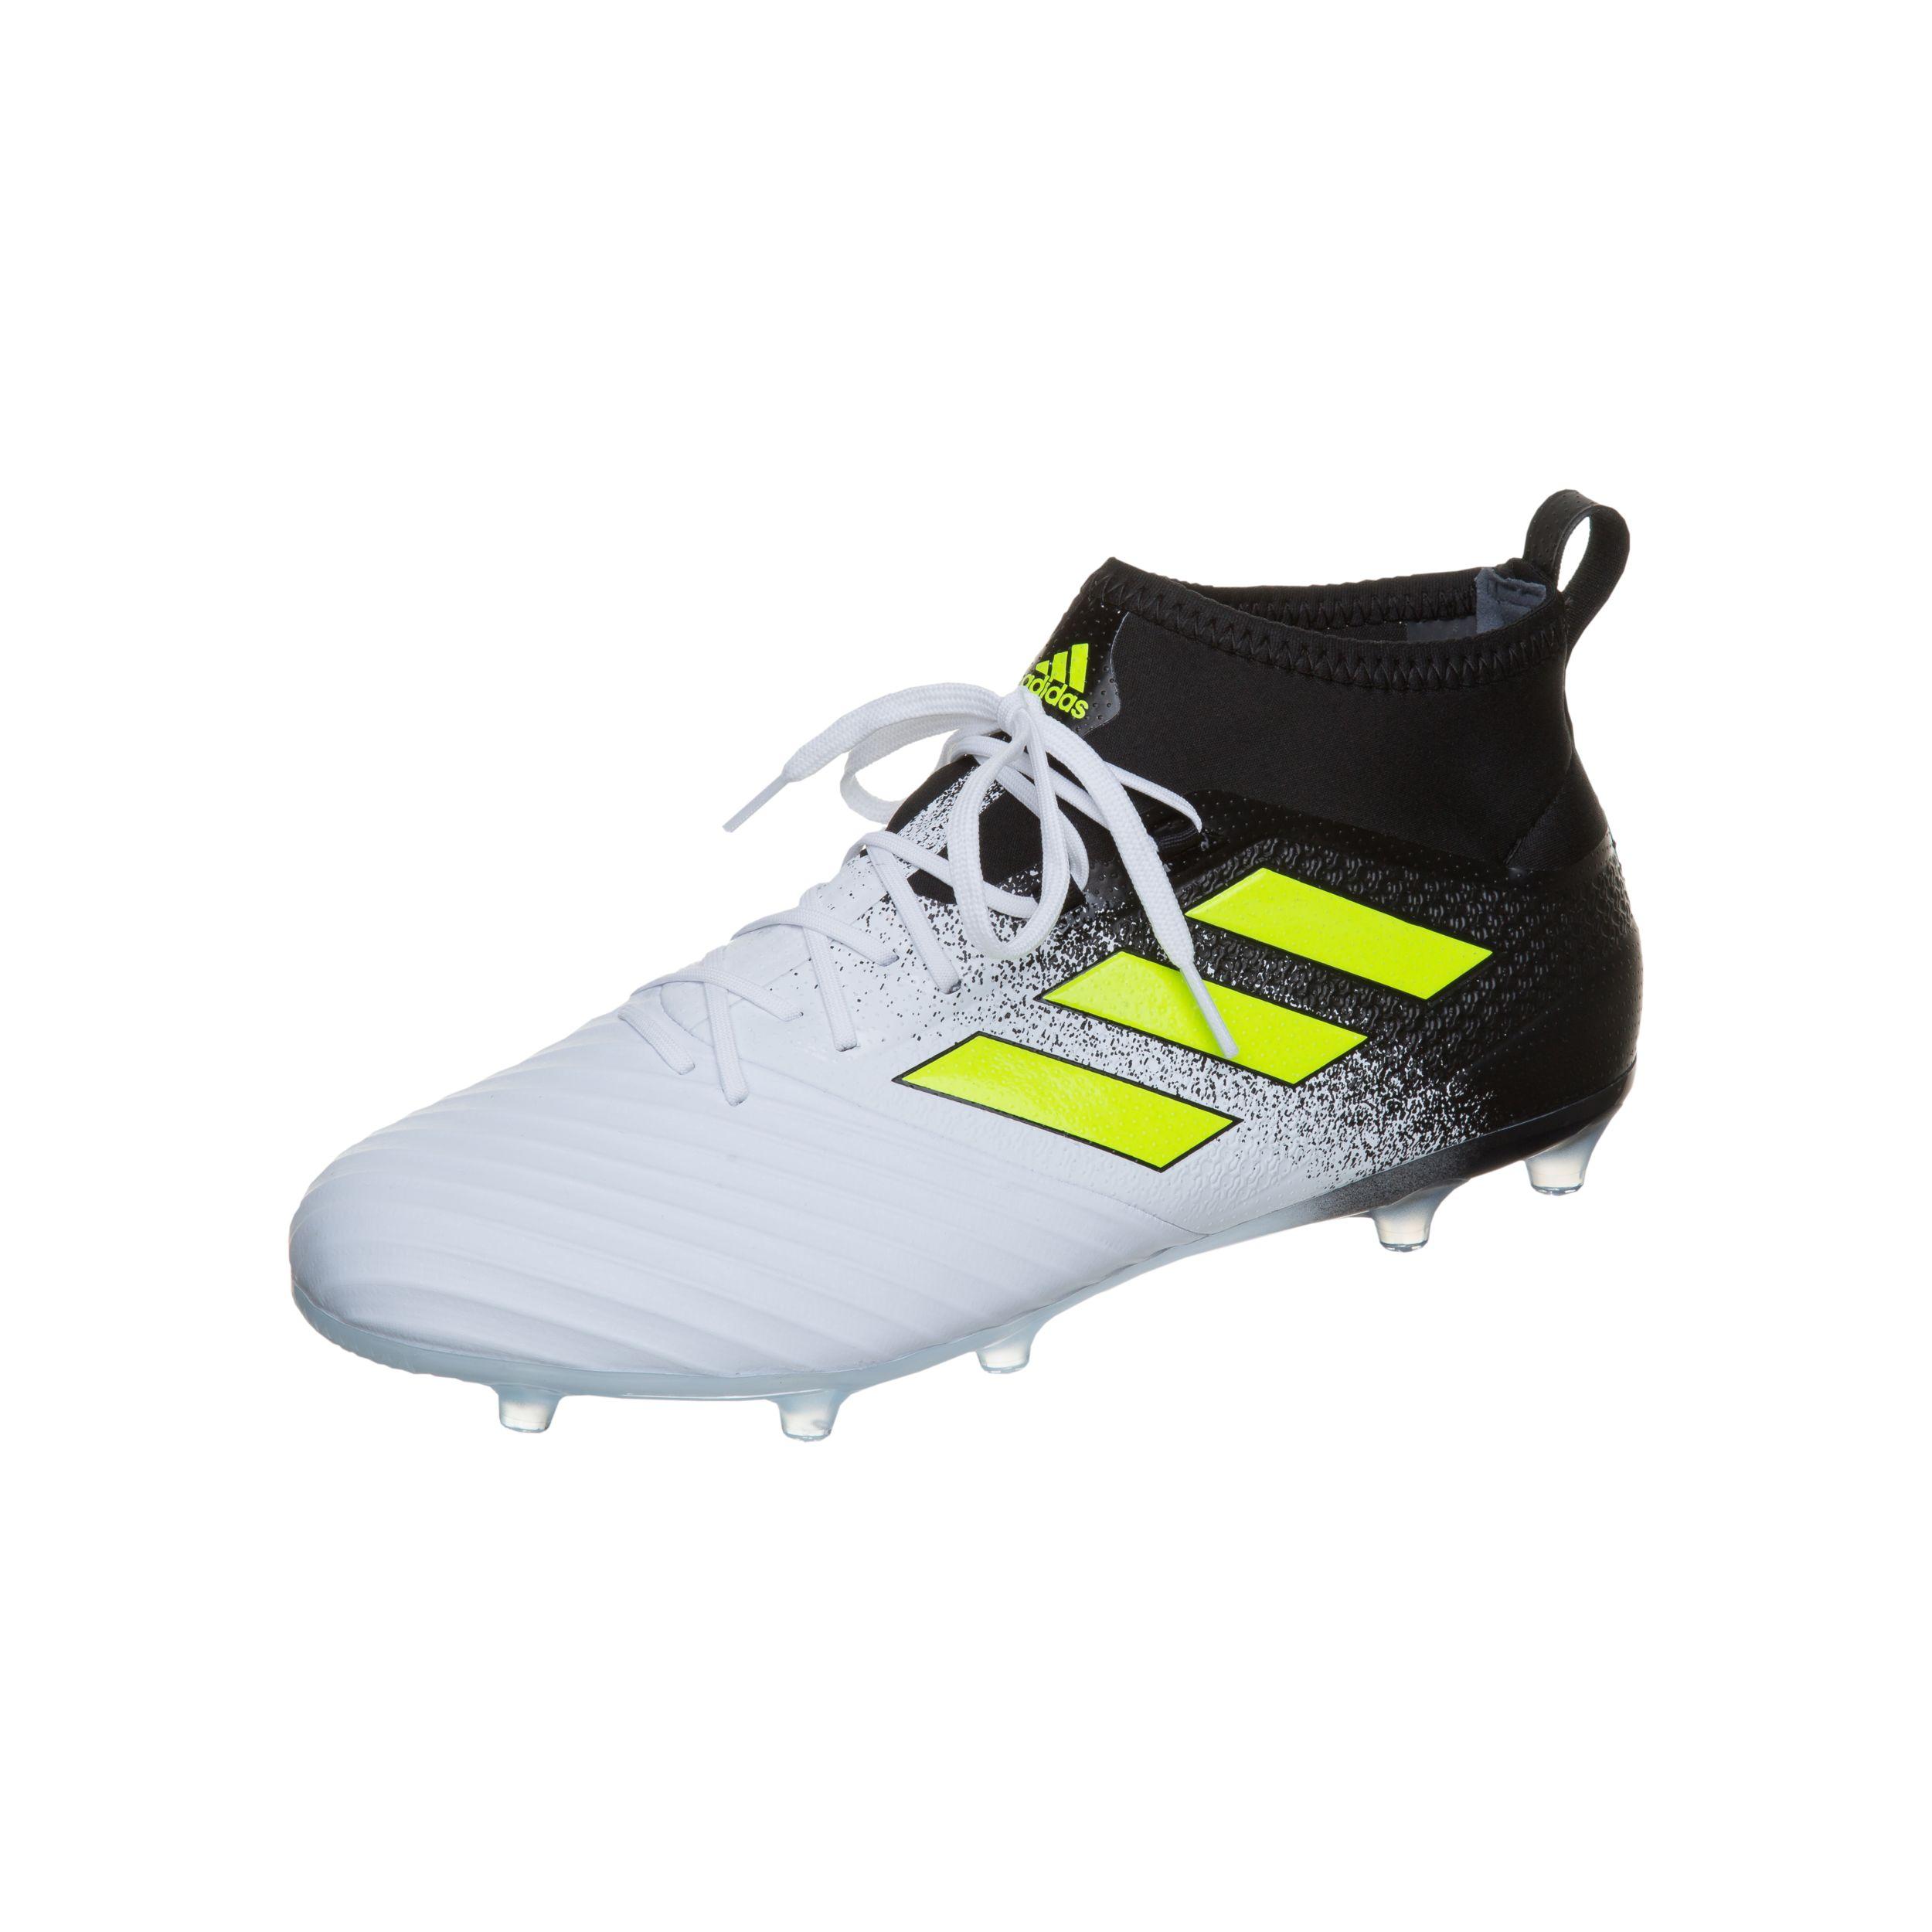 Adidas Fußballschuhe Ace 17.2 FG weiss weiss weiss Herren  S77054 -  NEU & OVP 0fcabf